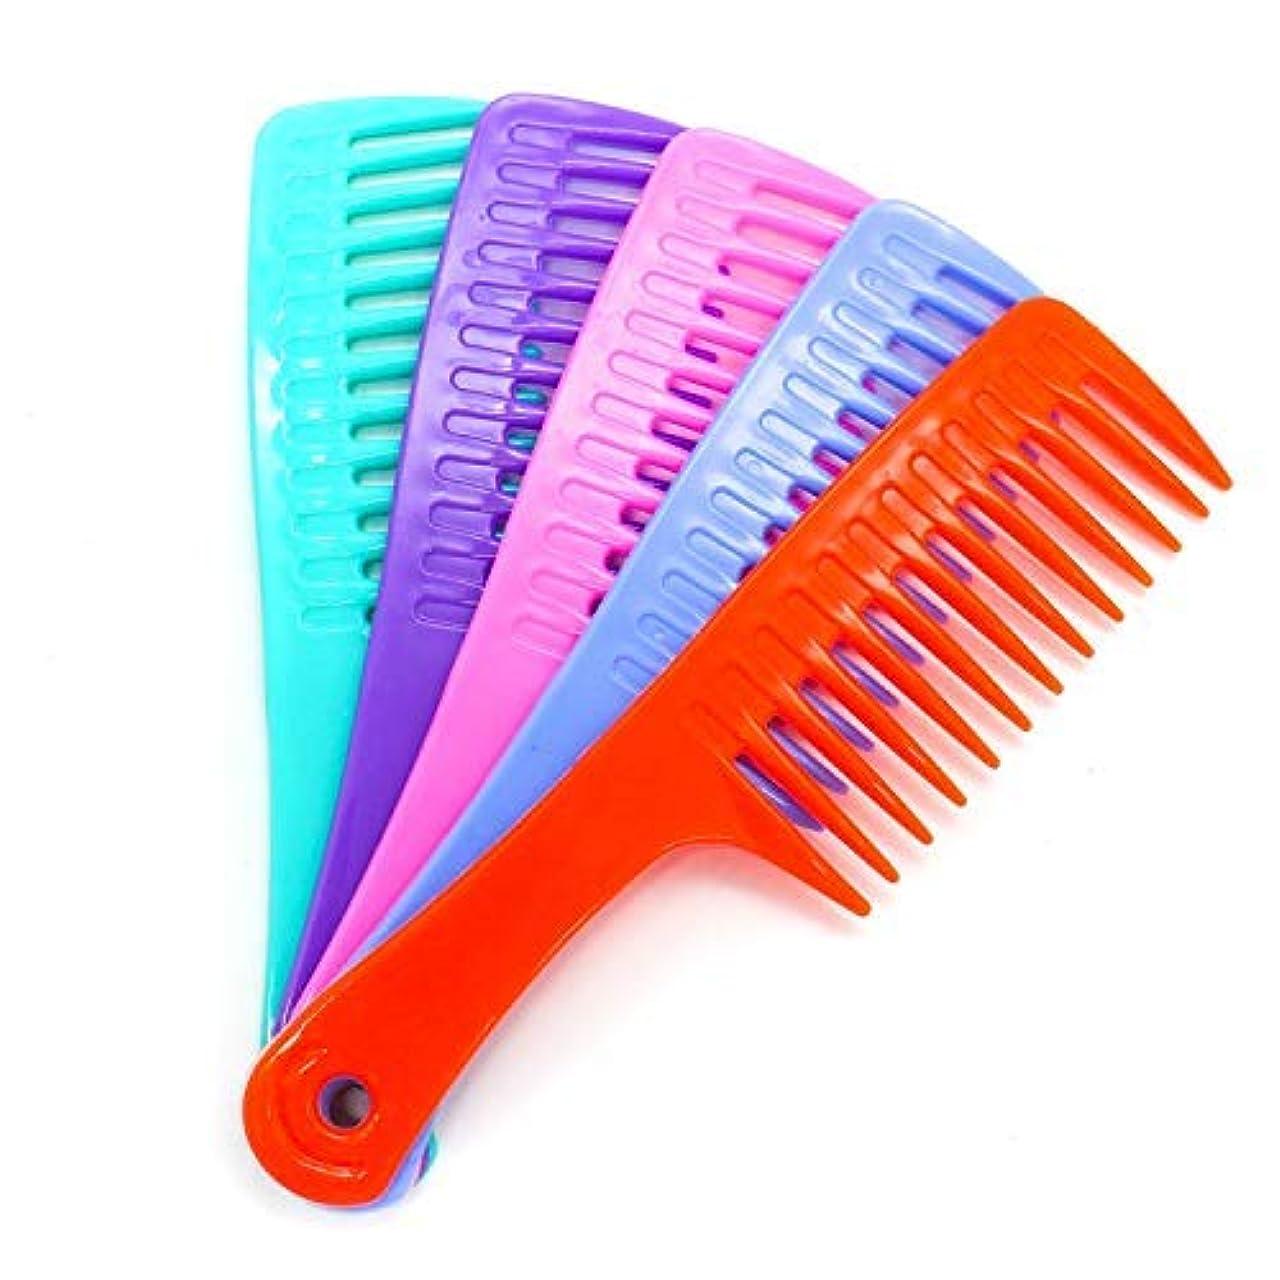 下手帽子手伝うHUELE 5 Pack Colorful Wide Tooth Detangler Hair Brush Detangling Comb for Adults & Kids Handle Comb [並行輸入品]